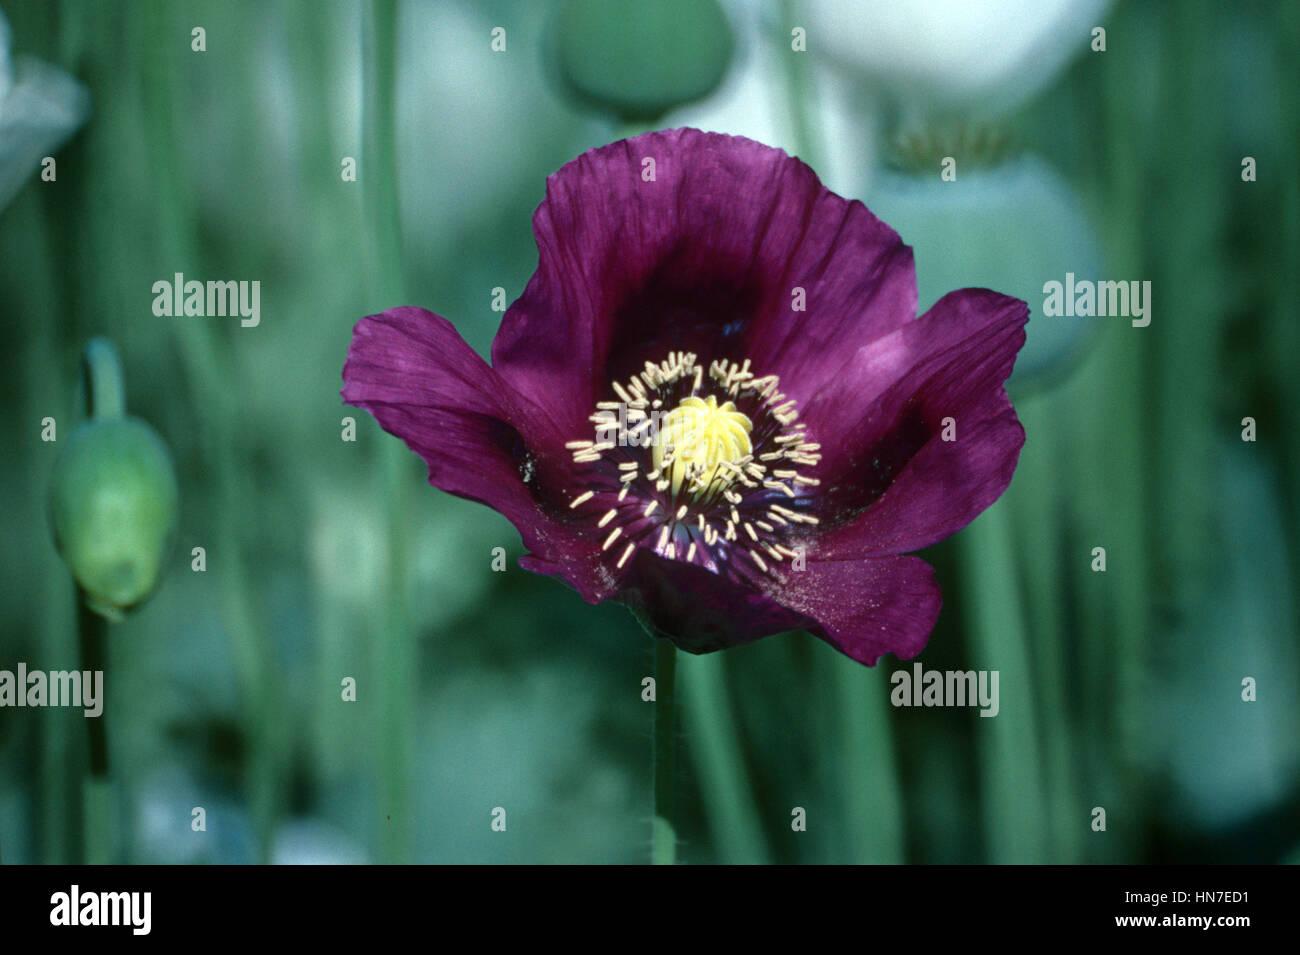 Purple opium poppy flower papaver somniferum and field of opium purple opium poppy flower papaver somniferum and field of opium poppies turkey mightylinksfo